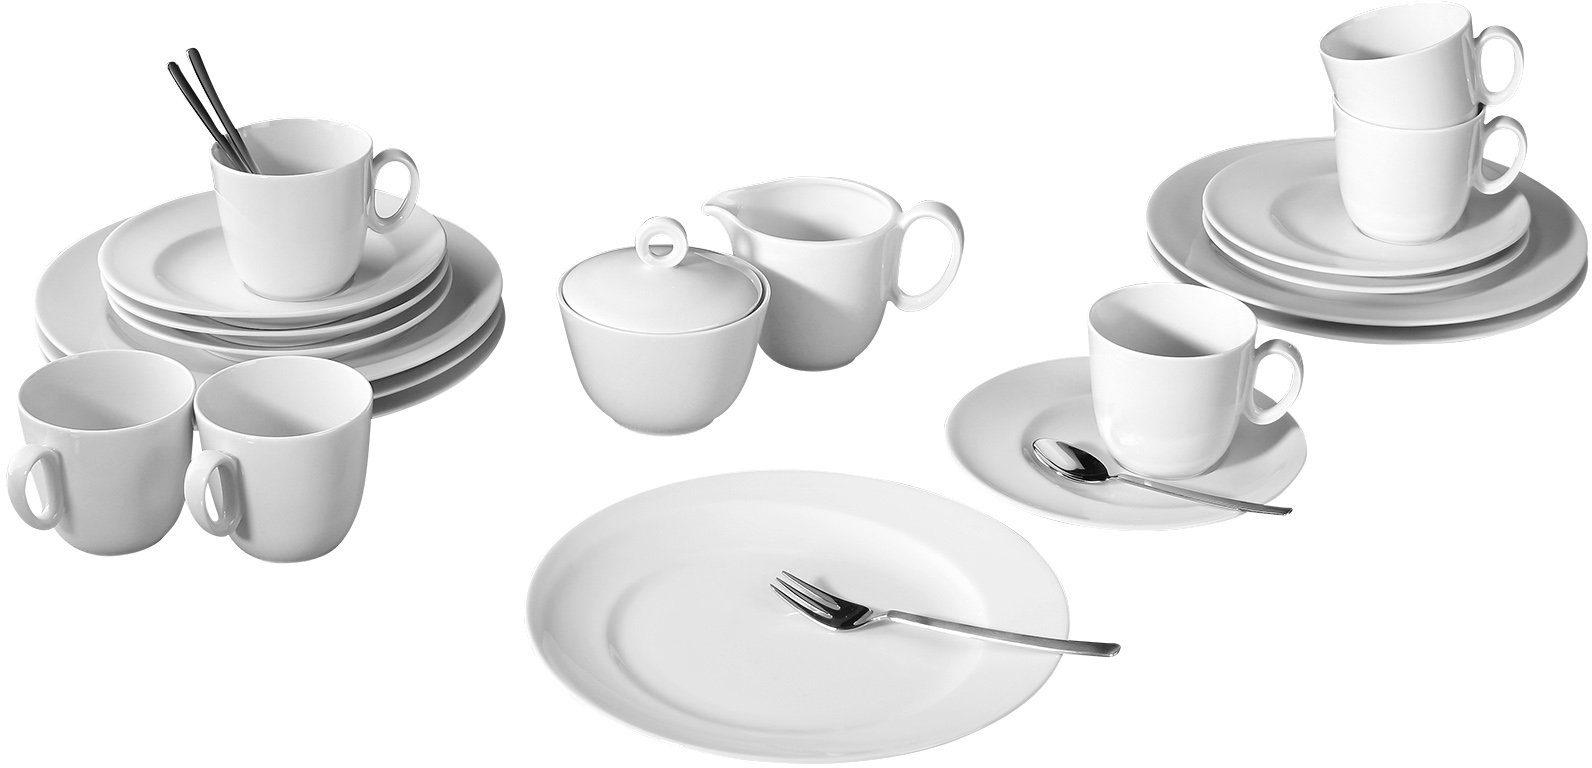 Seltmann Weiden Kaffeeservice, Porzellan, 20-teilig, »PASO«